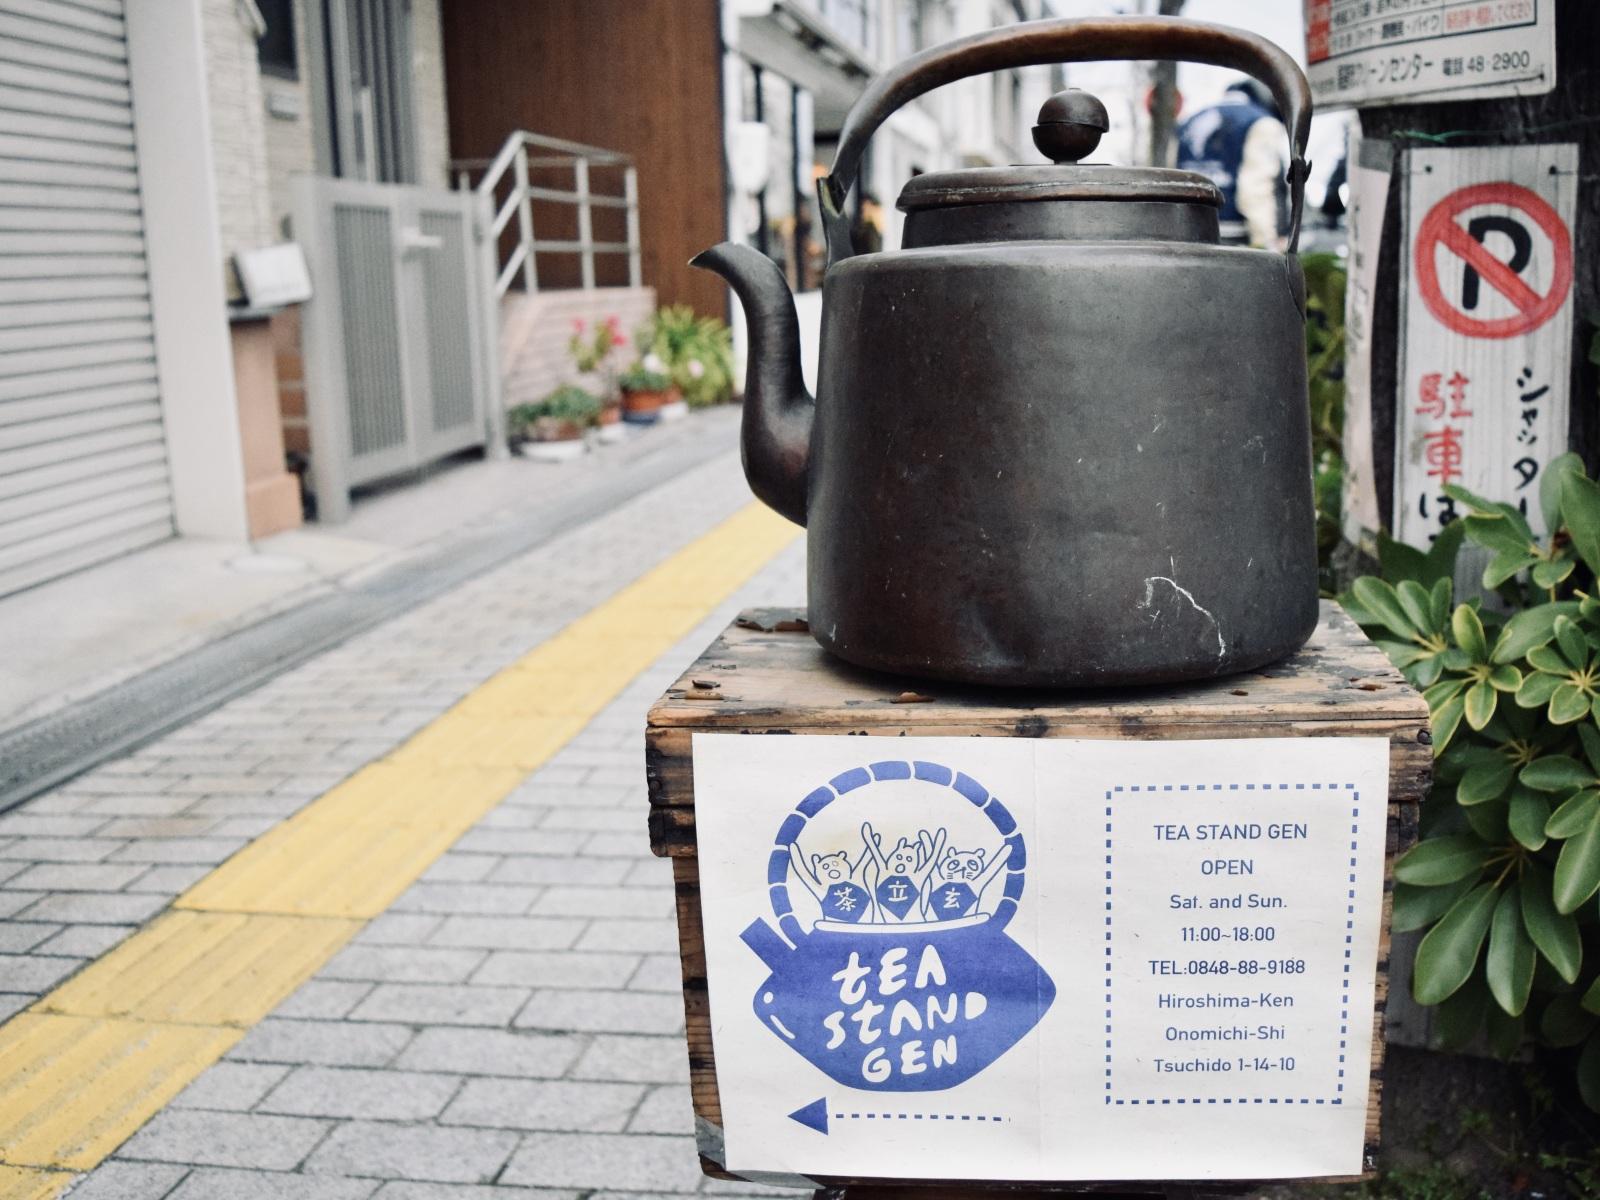 TEA STAND GEN